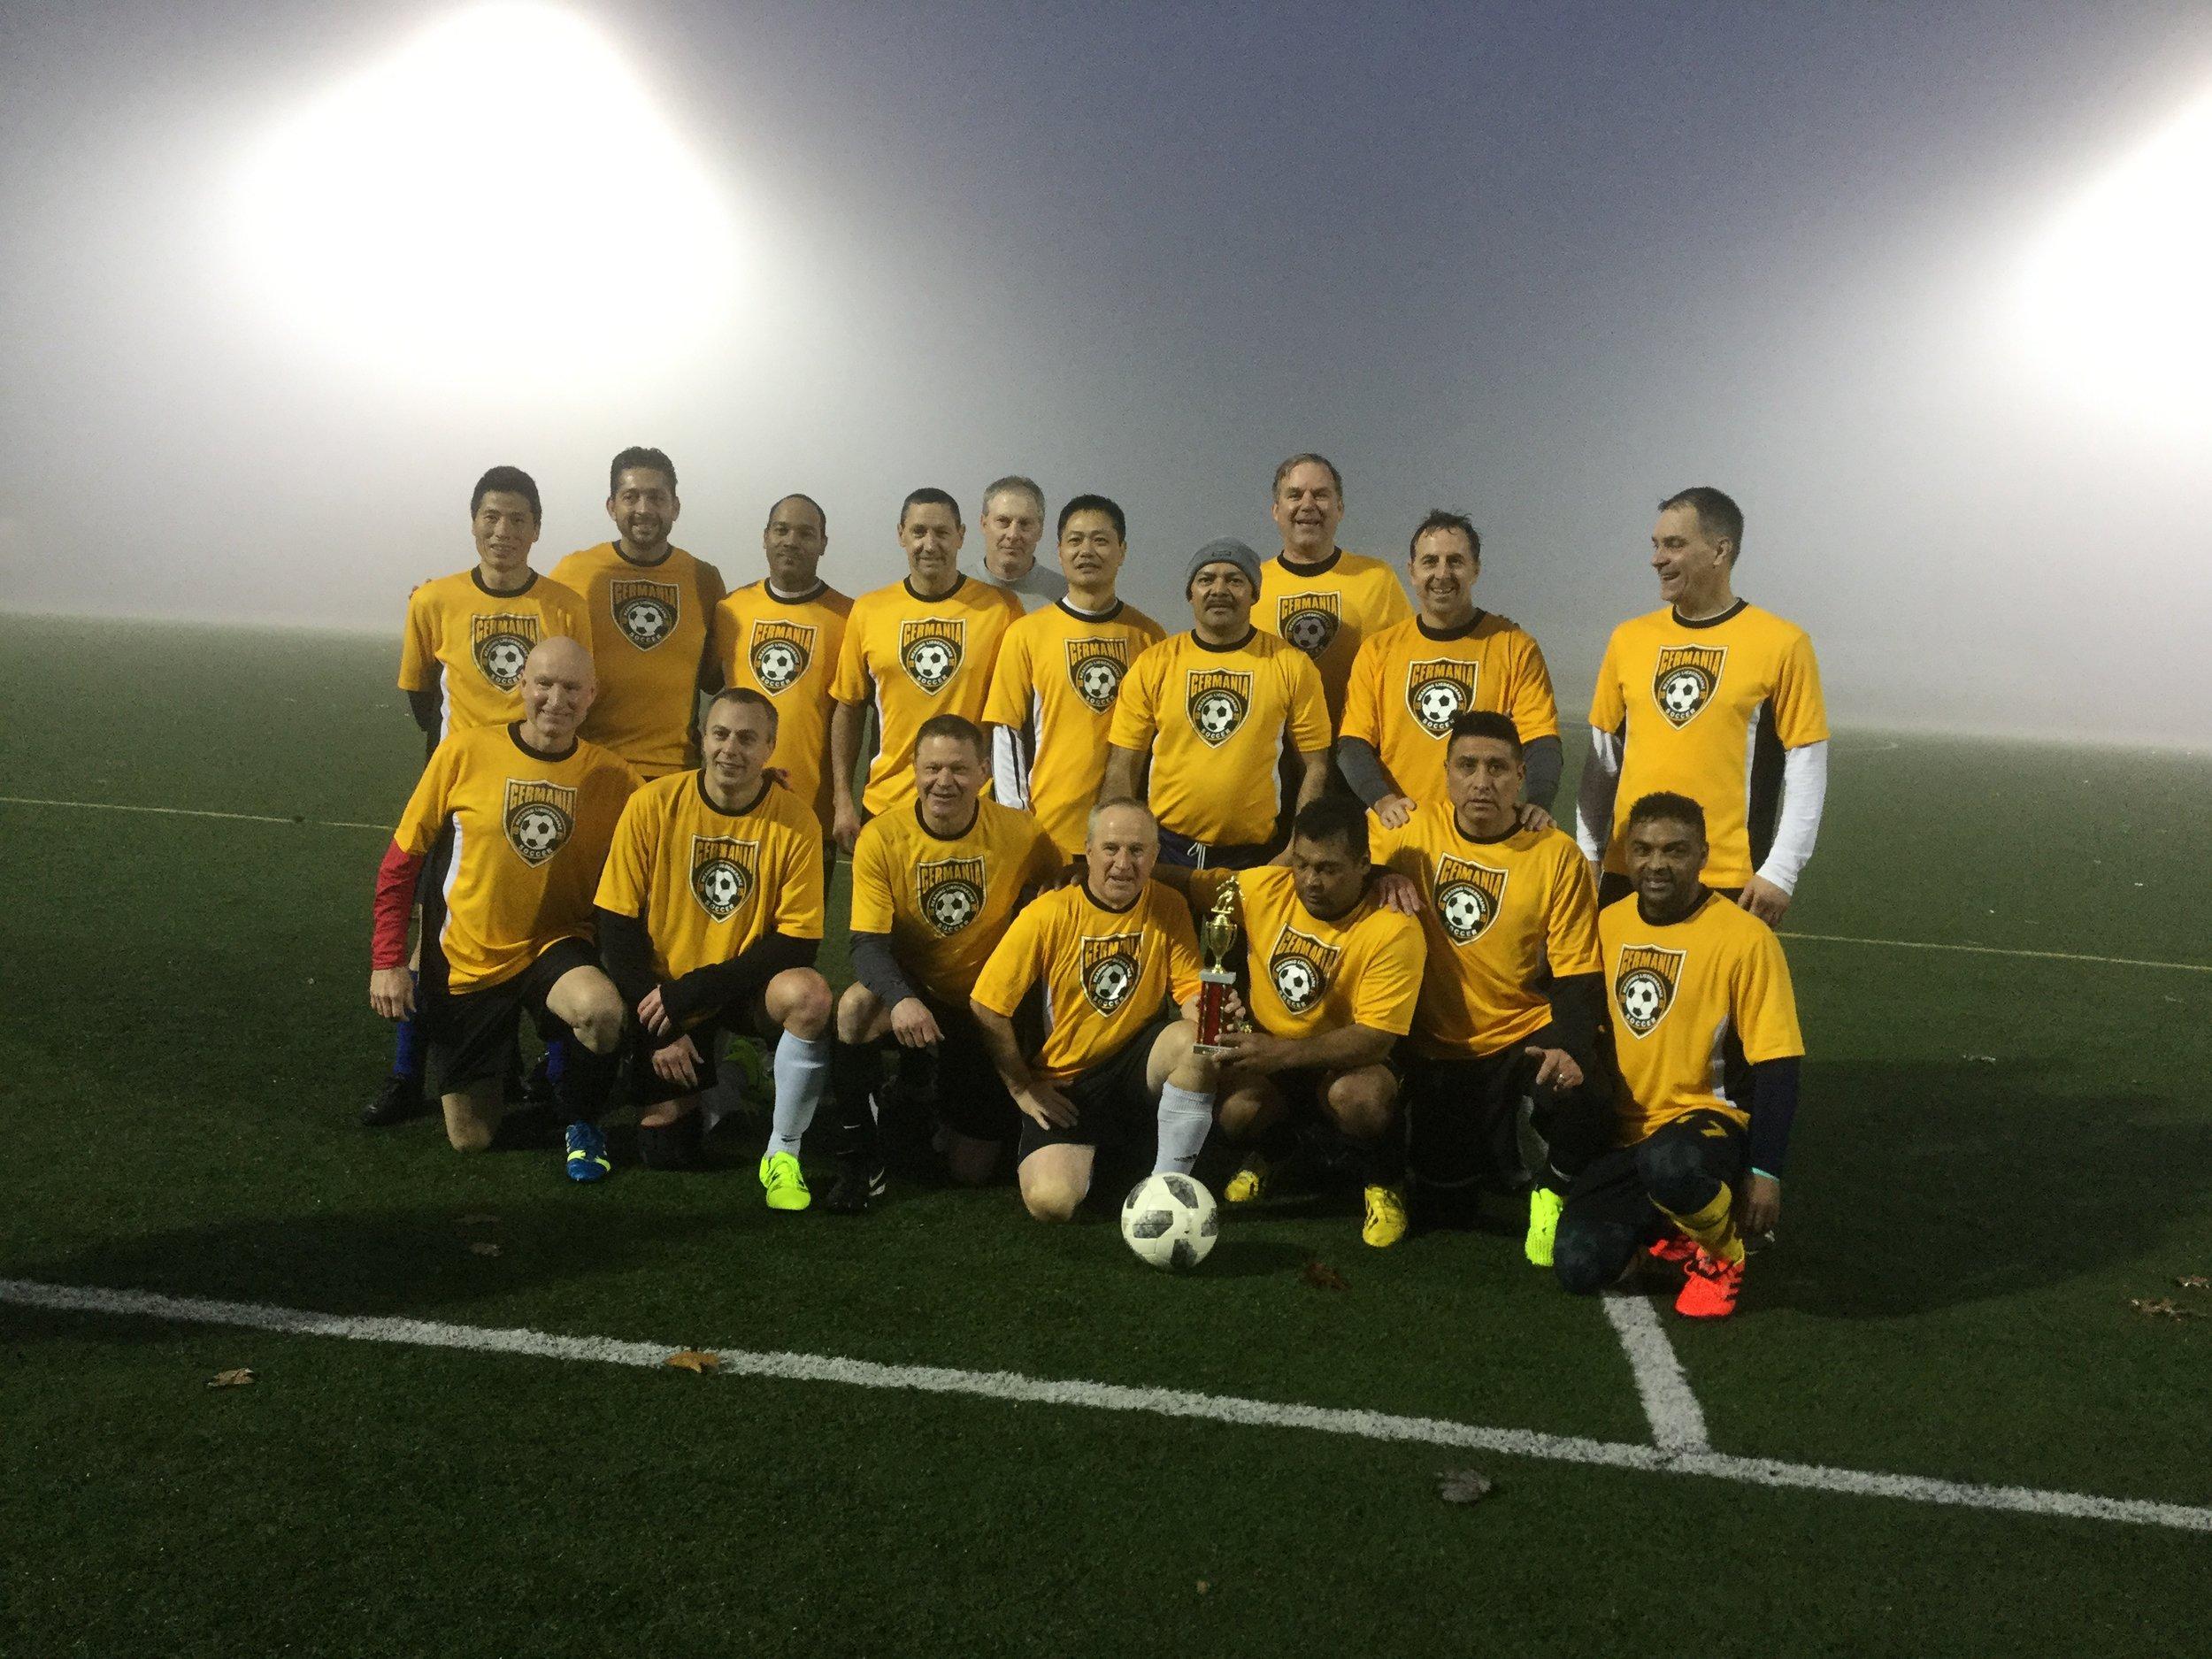 2018 Eastern pa Amateur soccer league Champions!